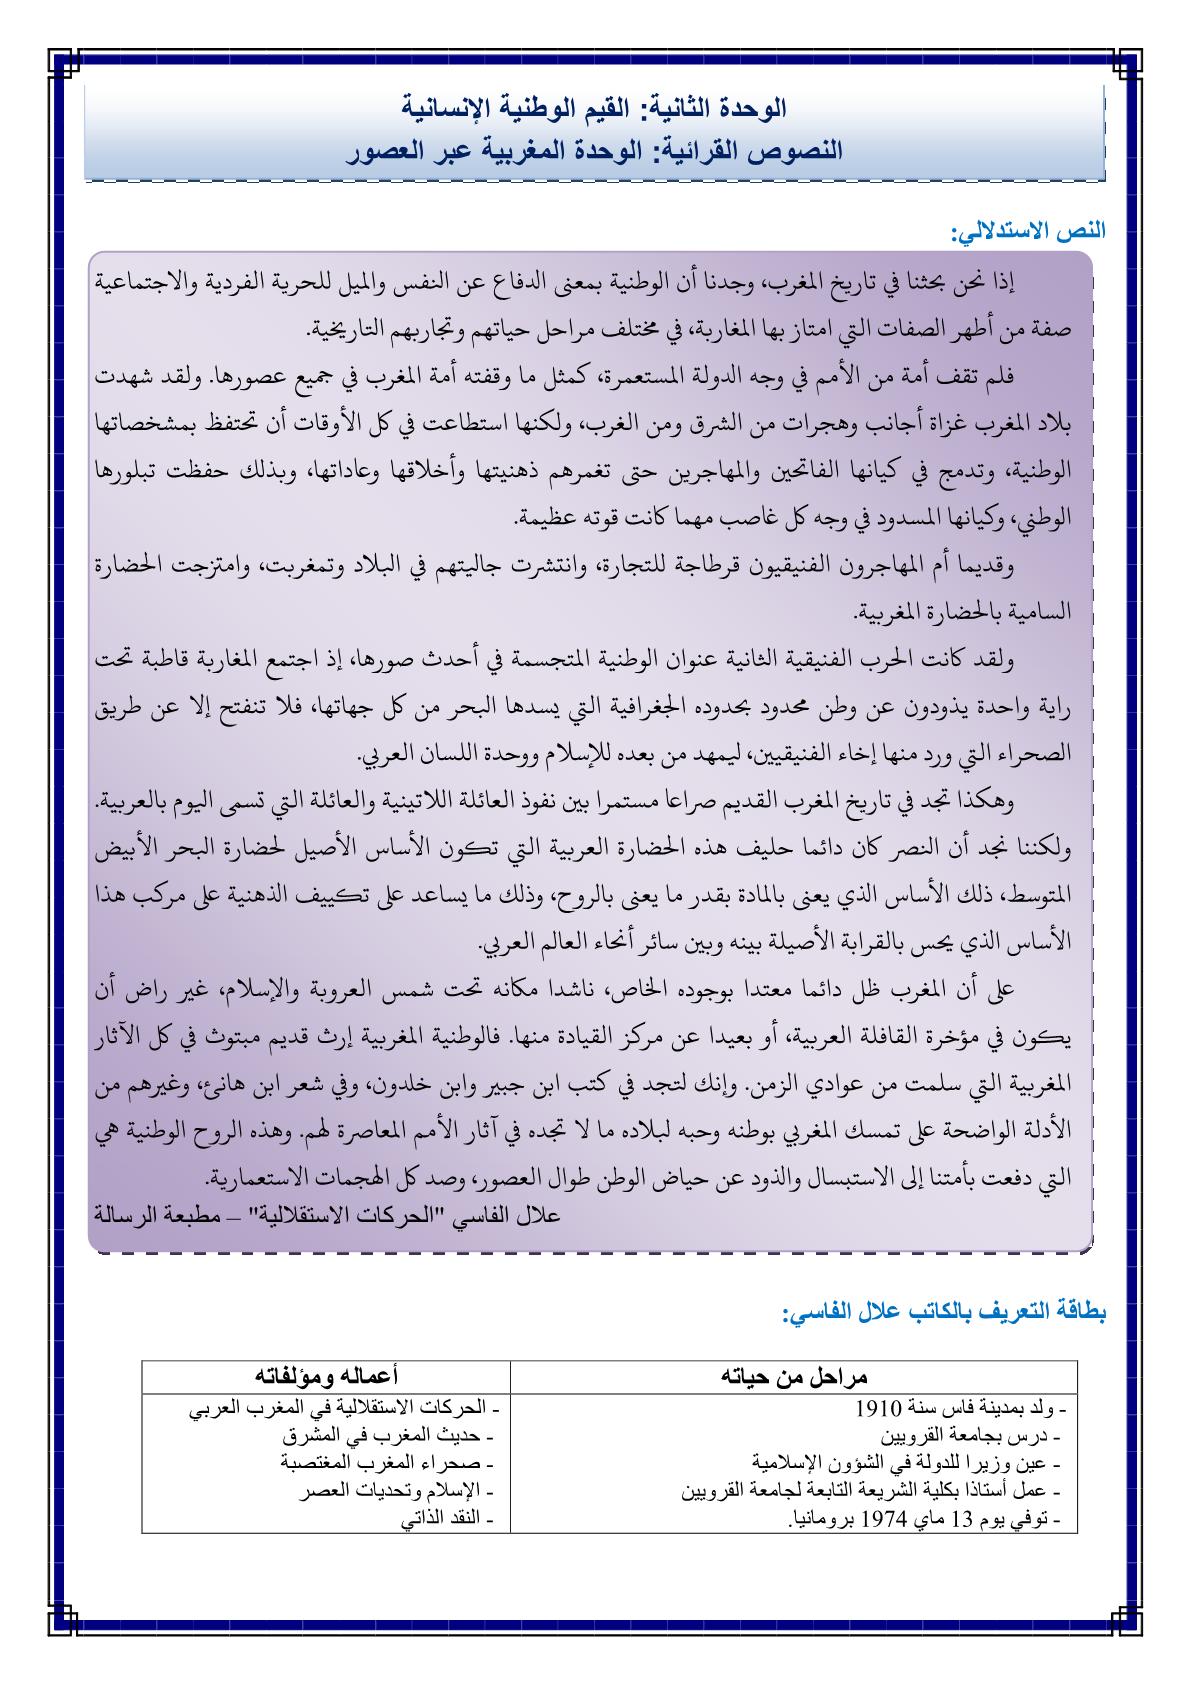 درس الوحدة المغربية عبر العصور مادة اللغة العربية للسنة الثانية اعدادي